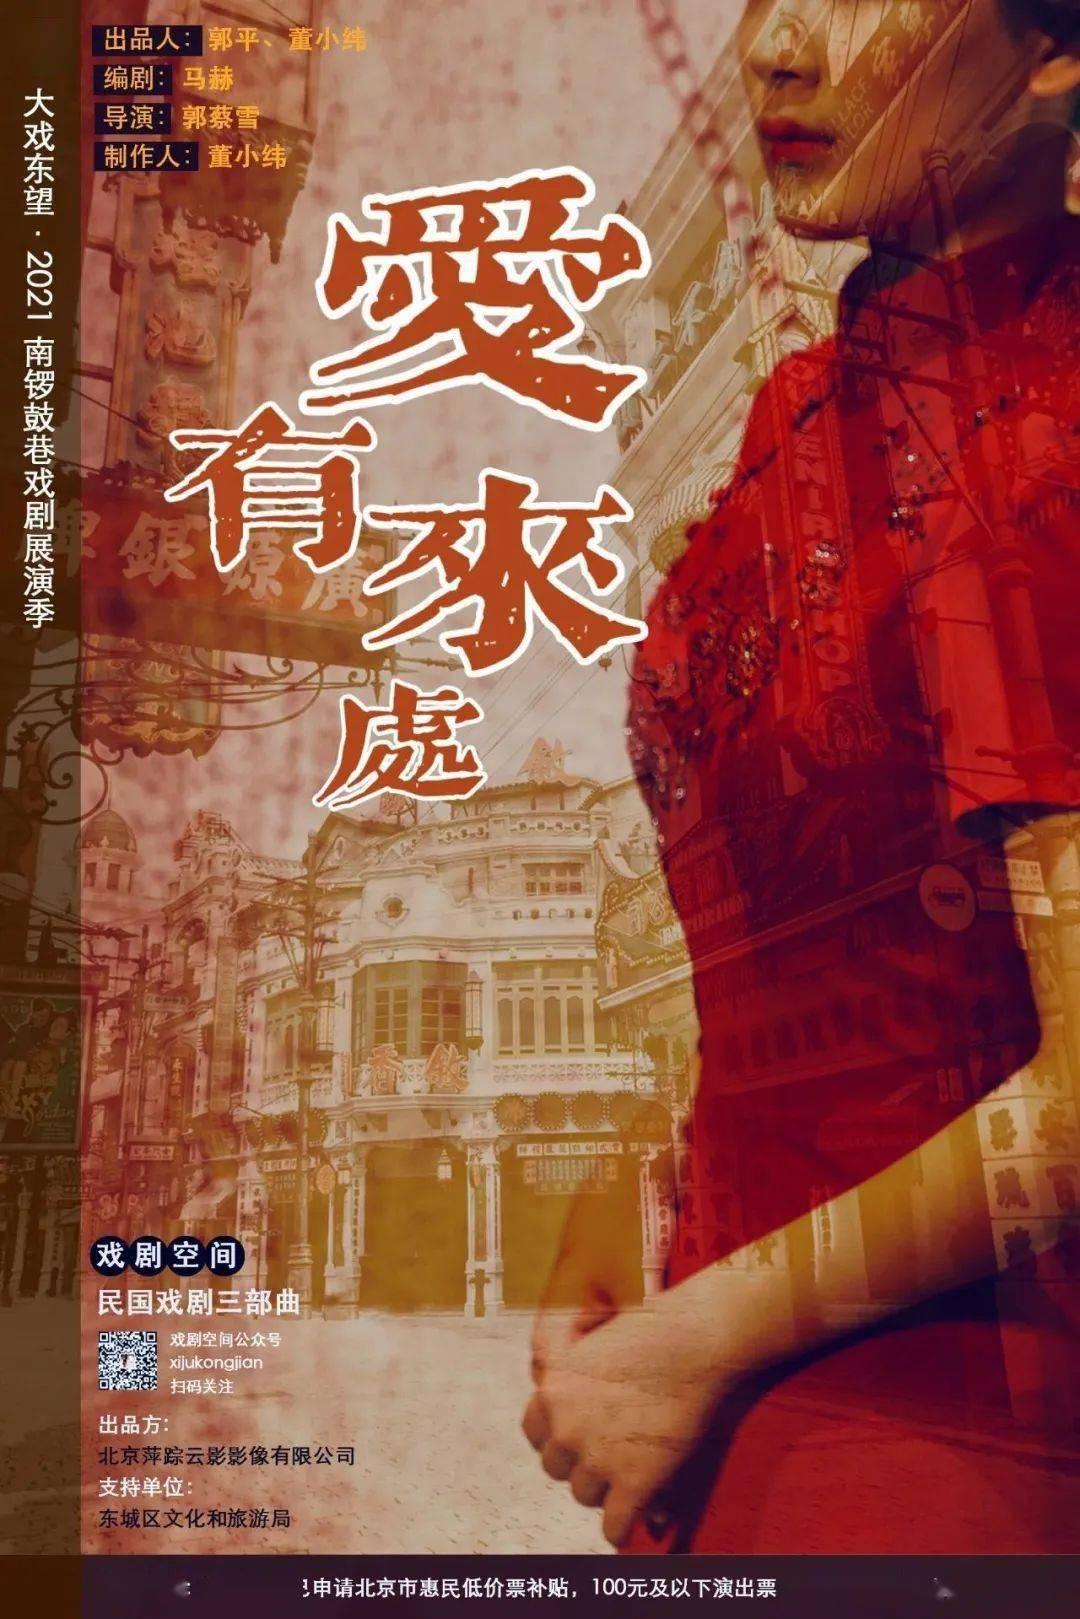 【直播/预约报名】东城原创剧目民国戏剧三部曲之《爱有来处》创作分享